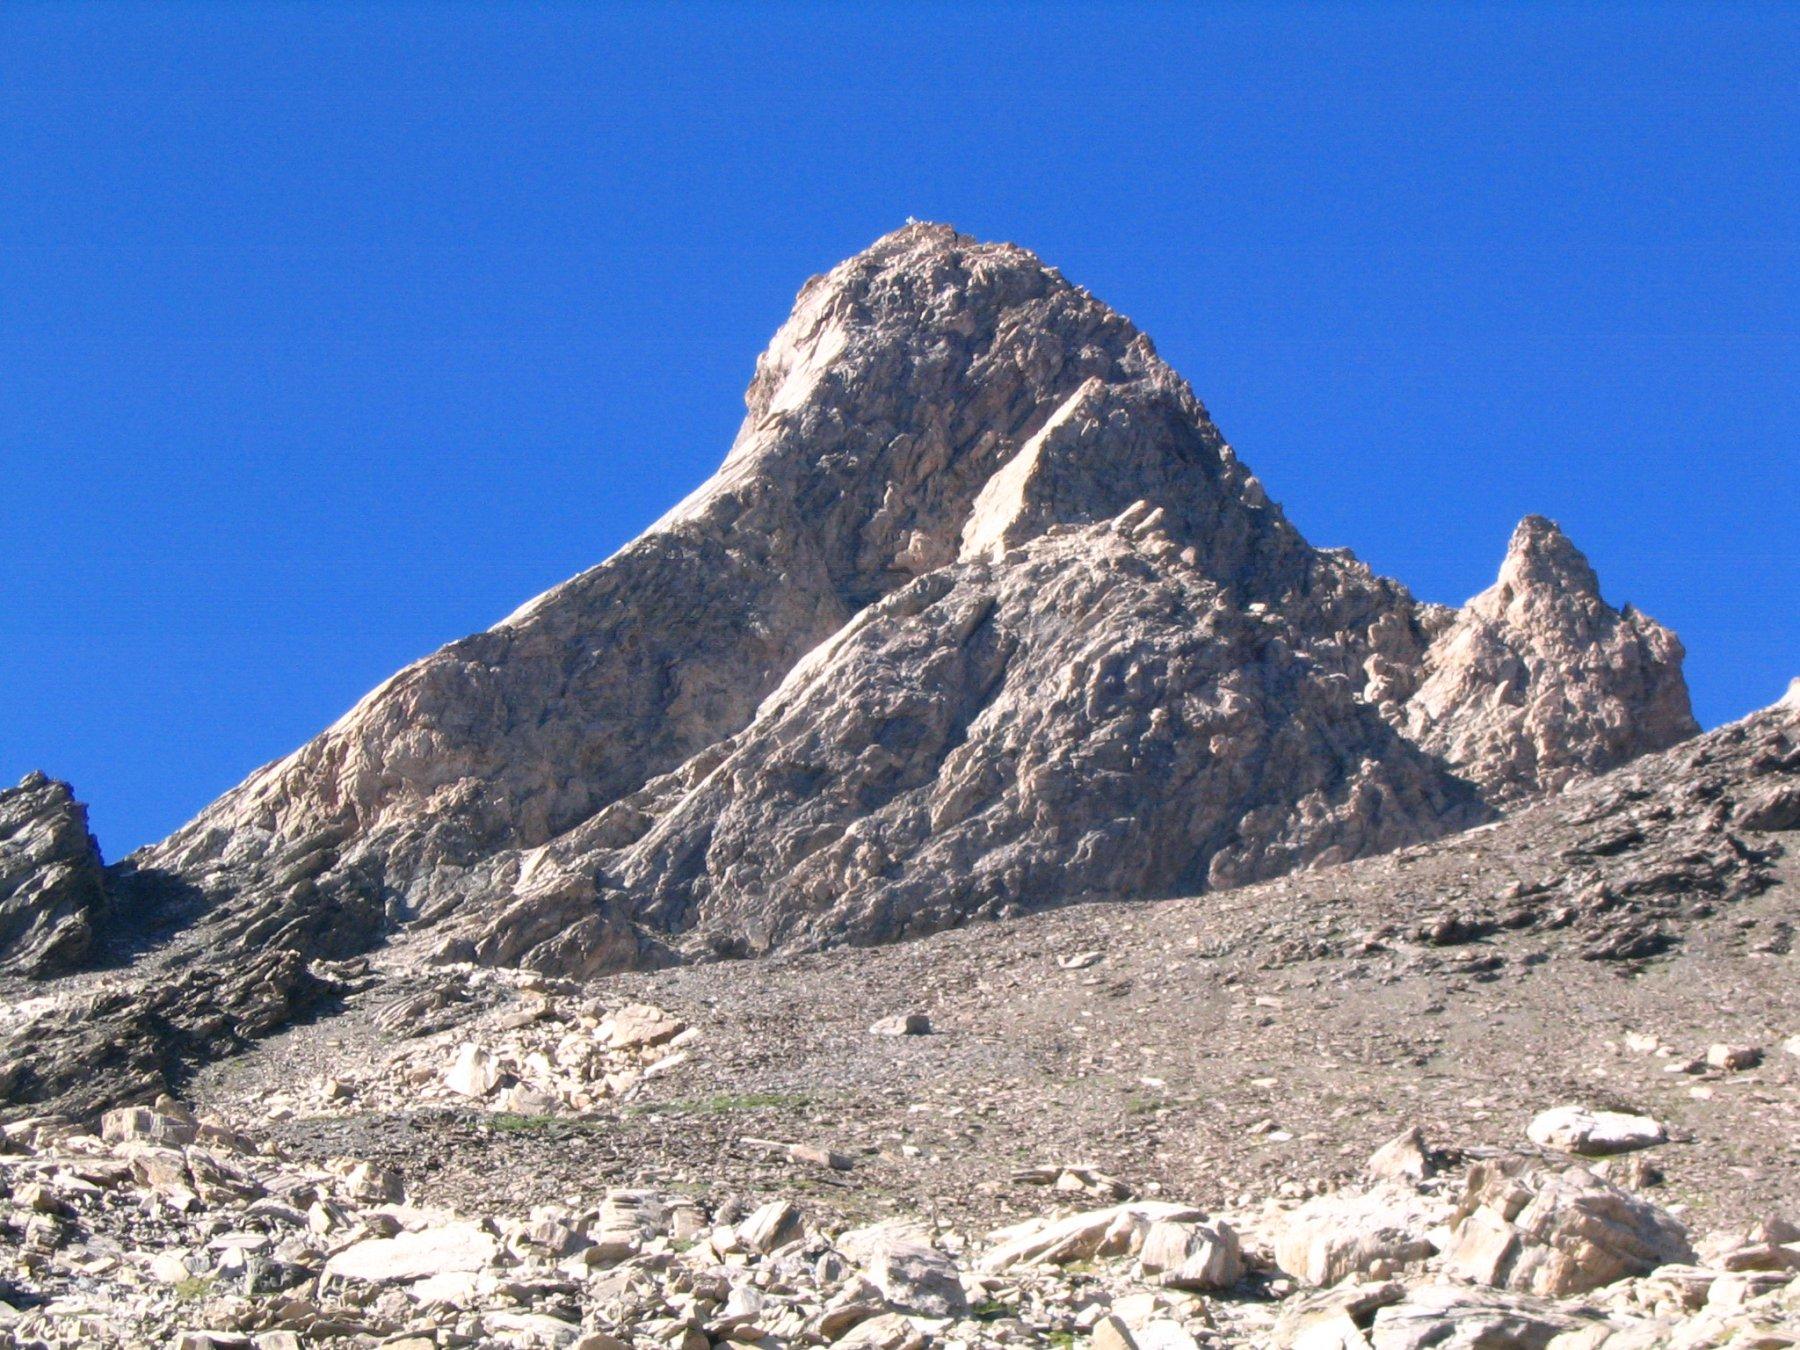 Il Pic visto dal ghiaione. A destra la cresta SE, a sinistra la SO (AD+)